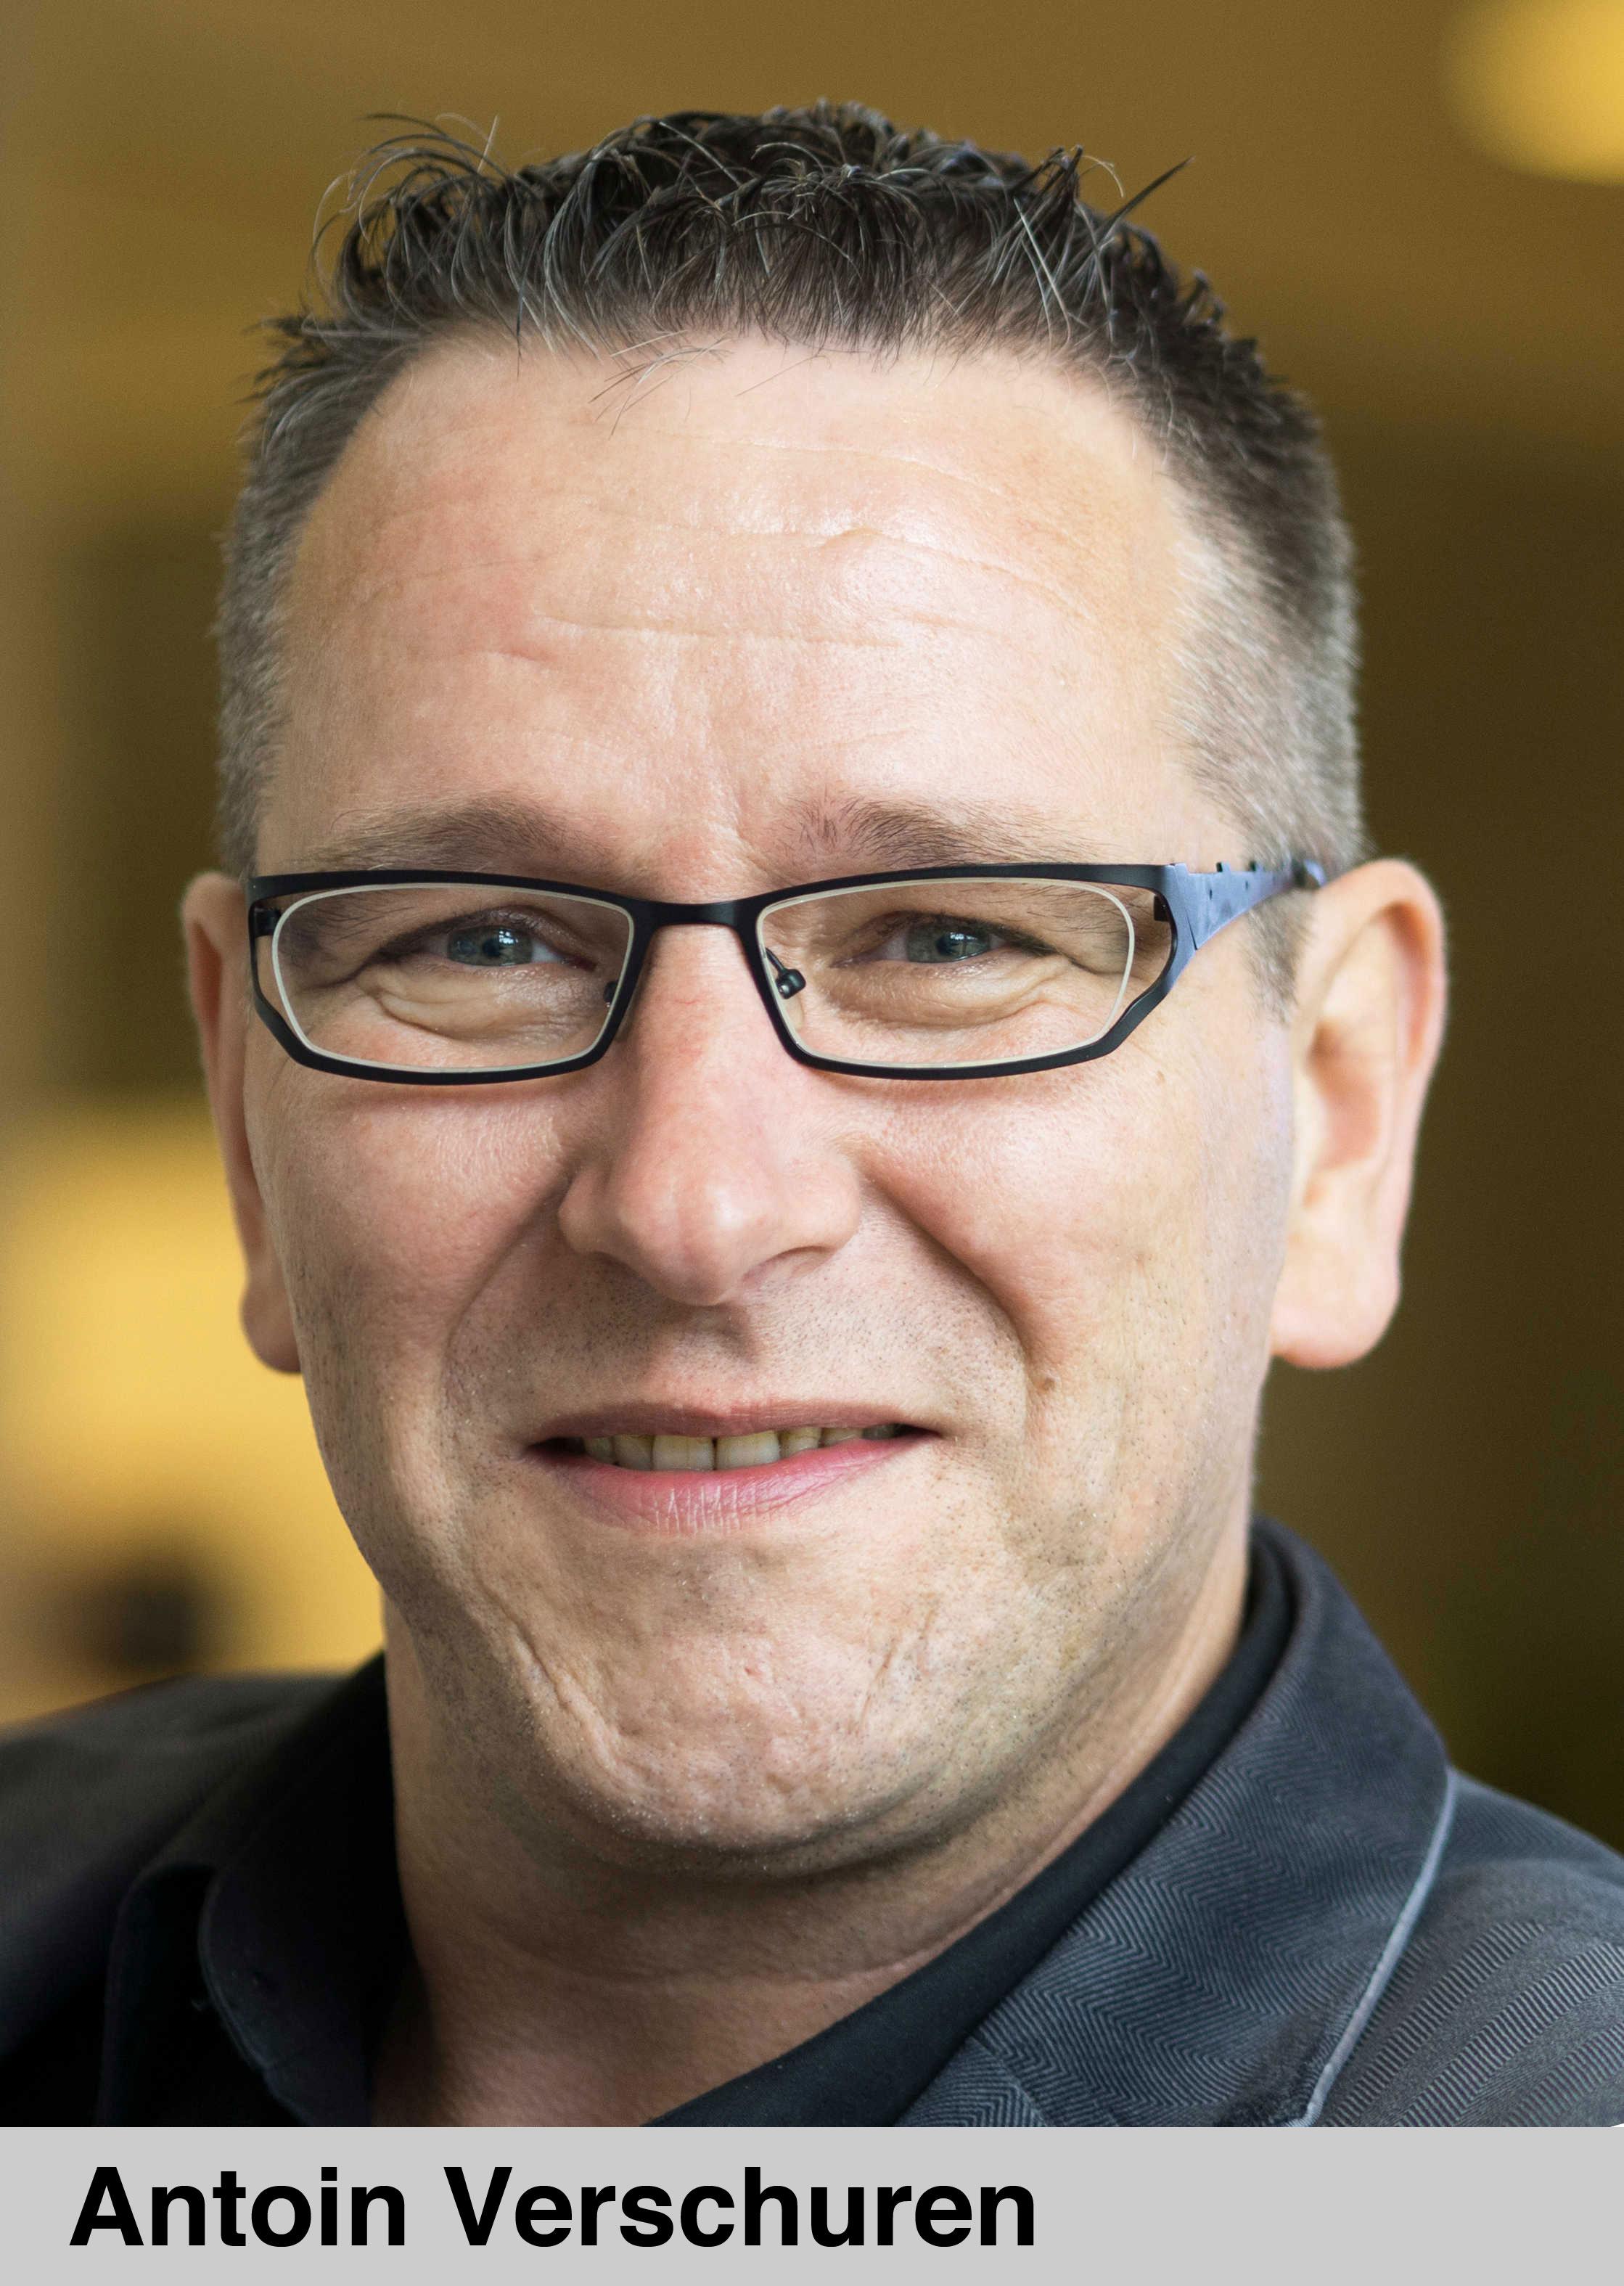 Photo of Antoin Verschuren